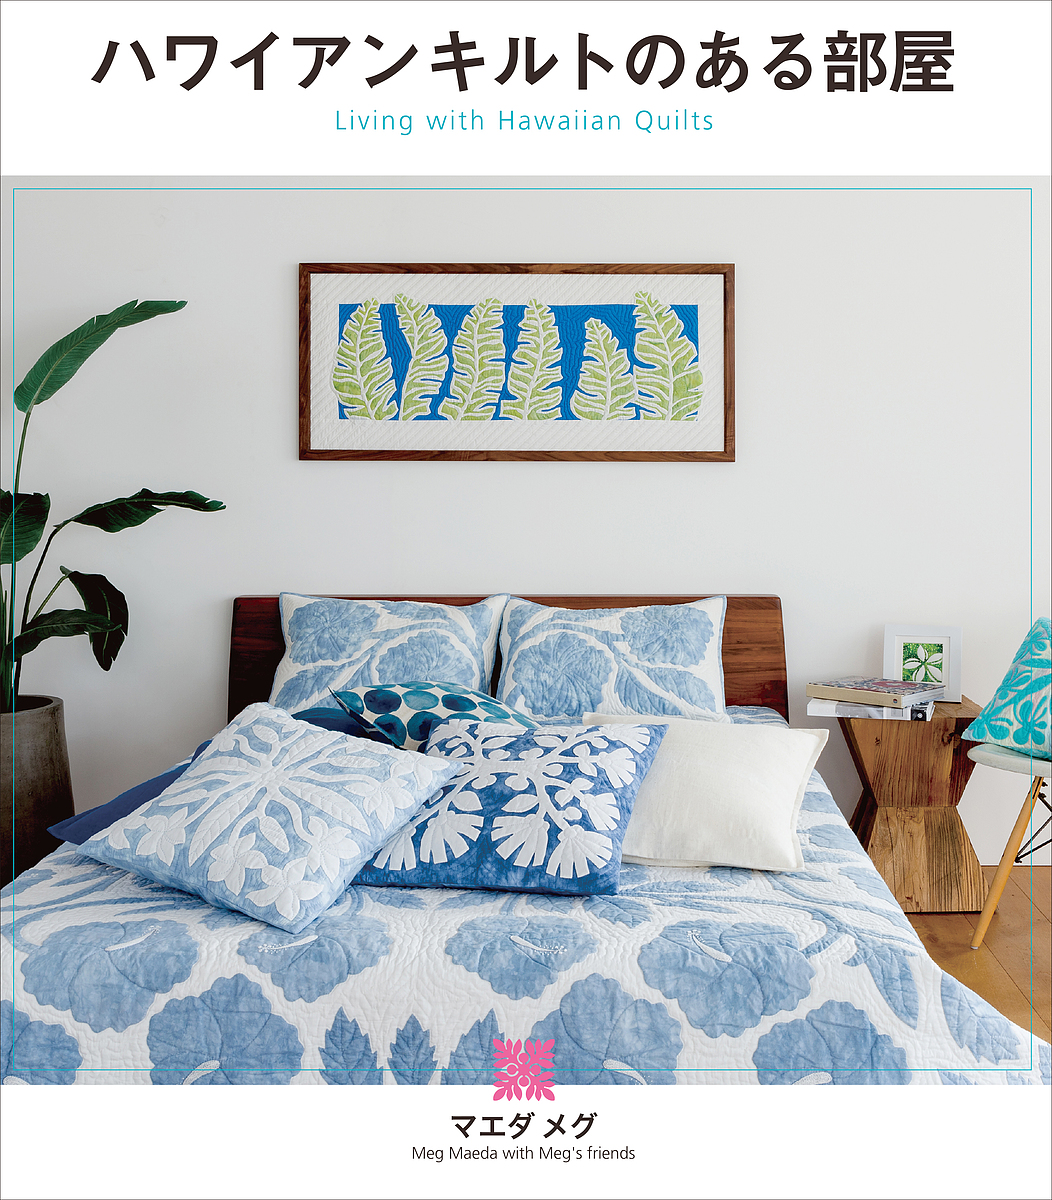 ハワイアンキルトのある部屋 マエダメグ 1000円以上送料無料 驚きの値段 送料無料限定セール中